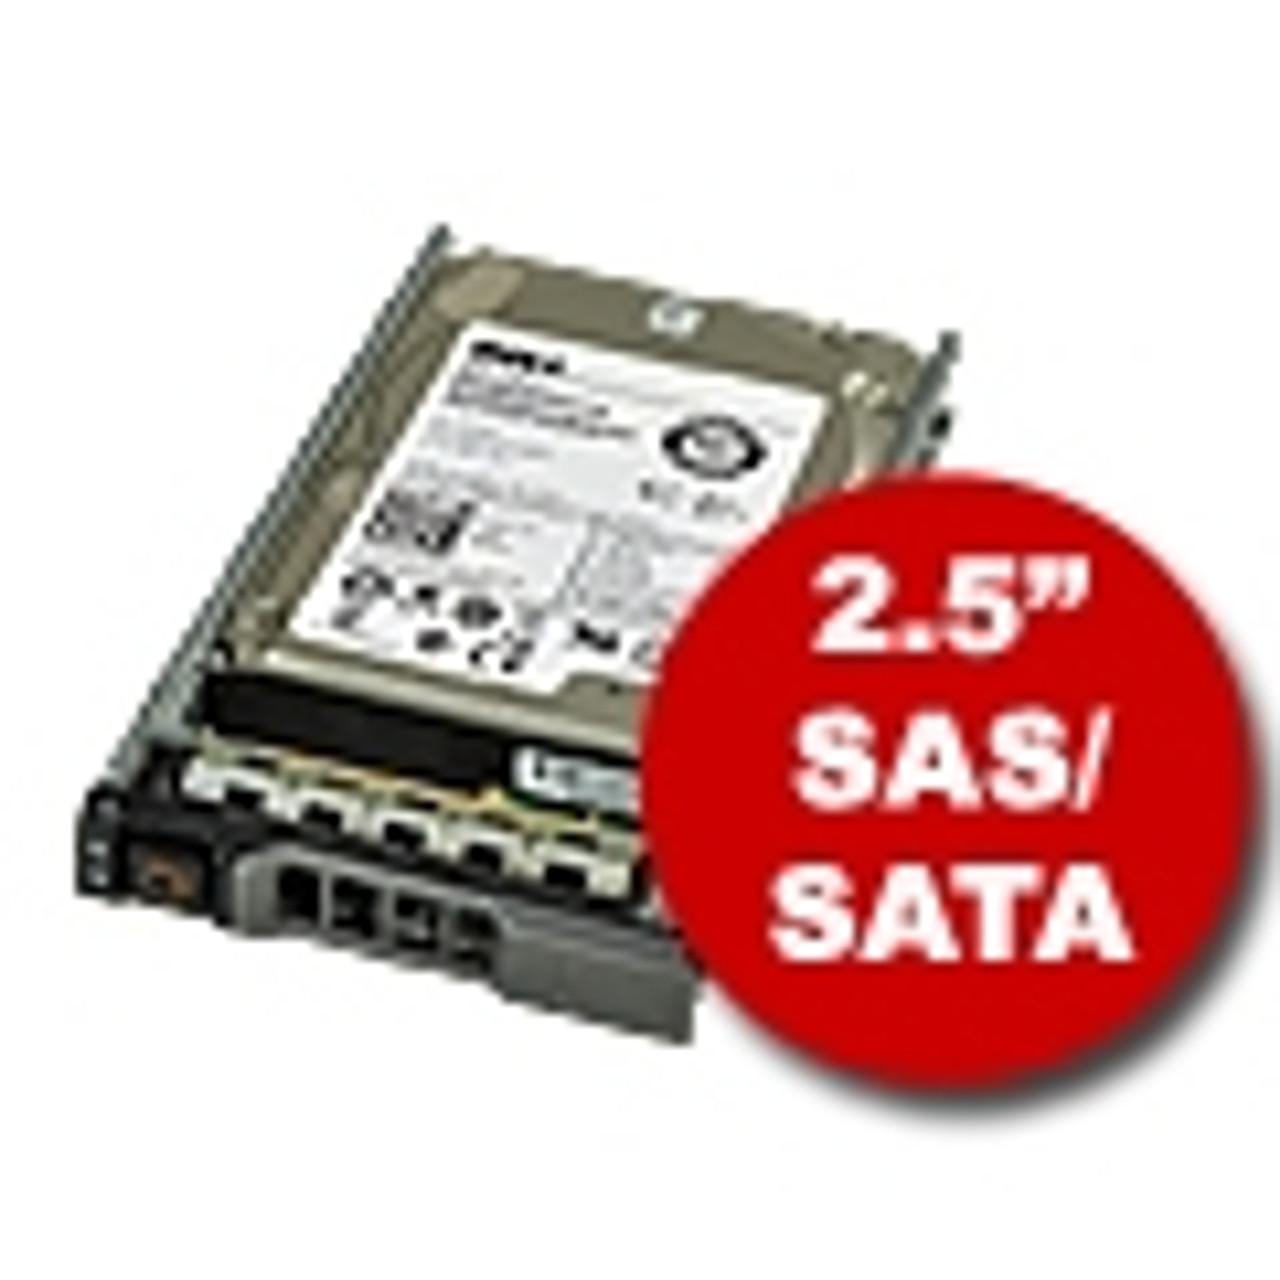 """2.5"""" SAS/SATA Hard Drives & Trays"""